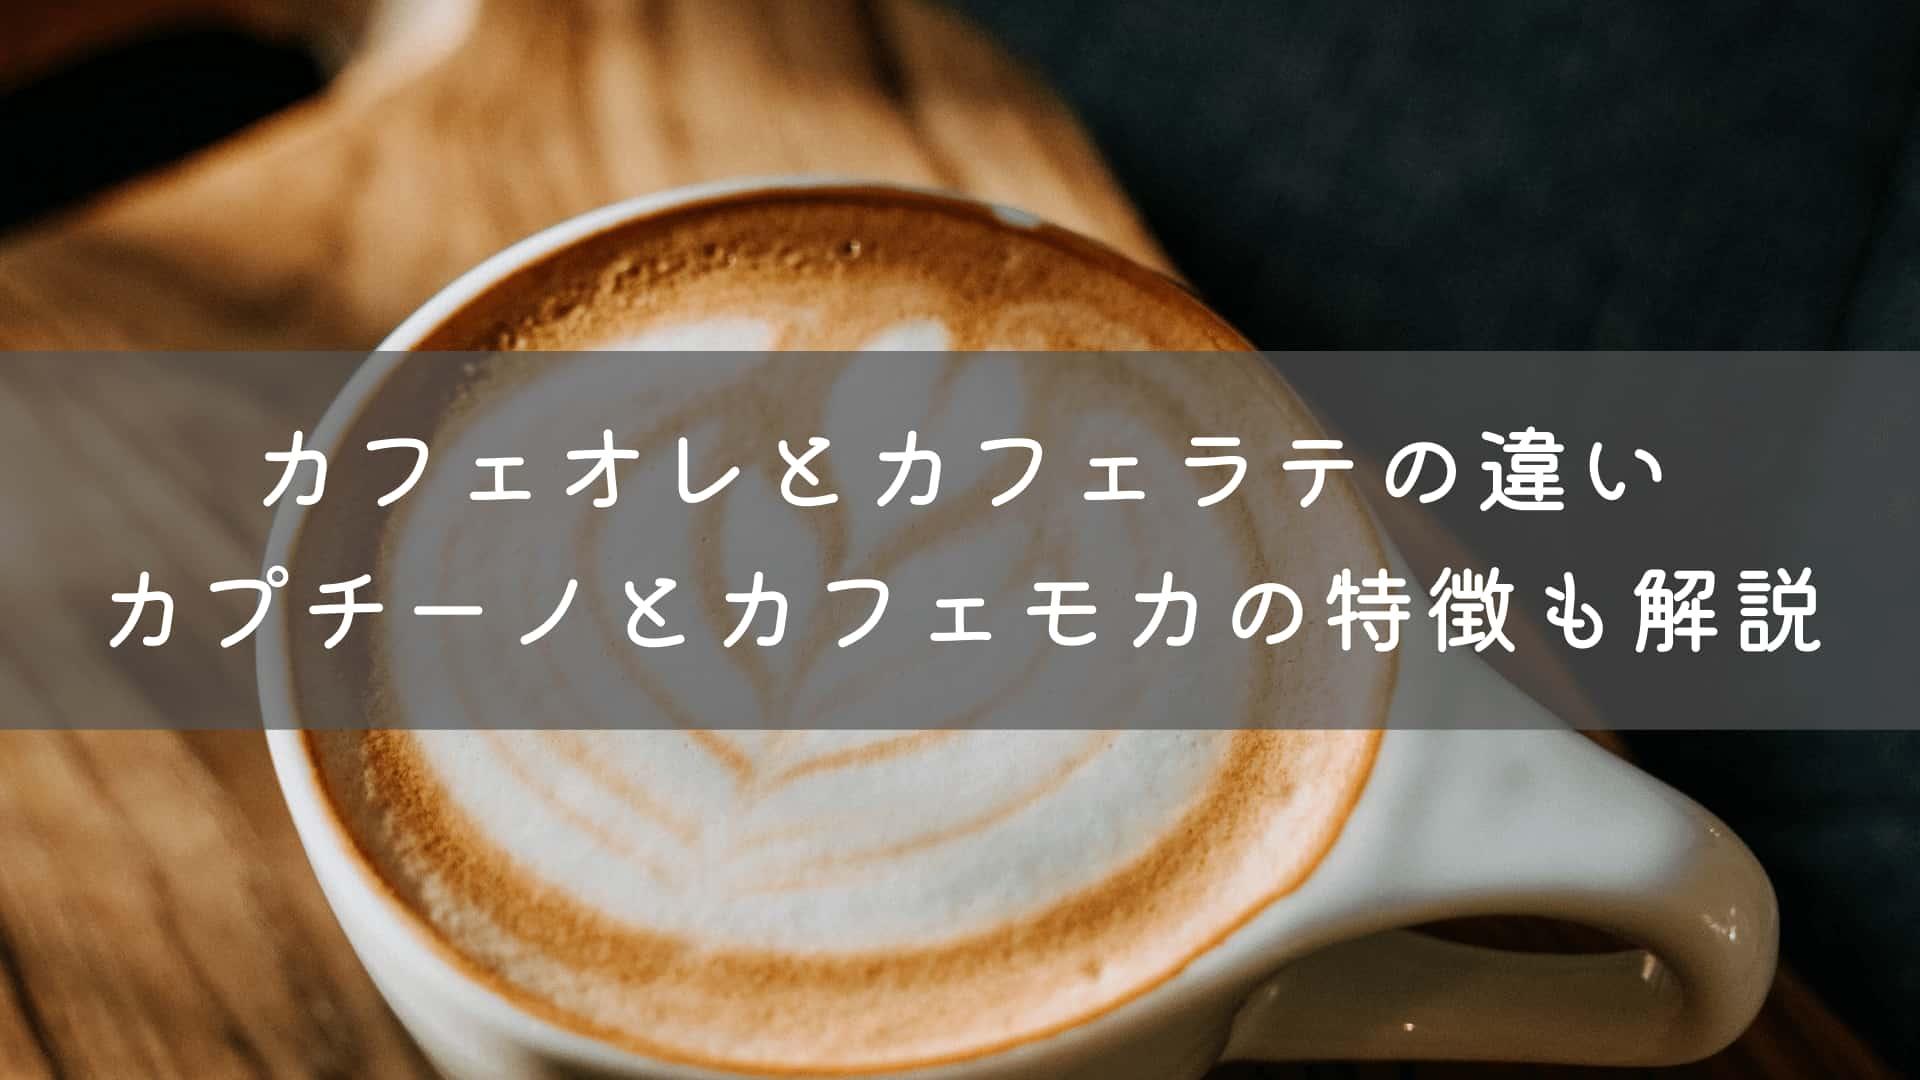 カフェオレ・カフェラテ・カプチーノ・カフェモカの違い